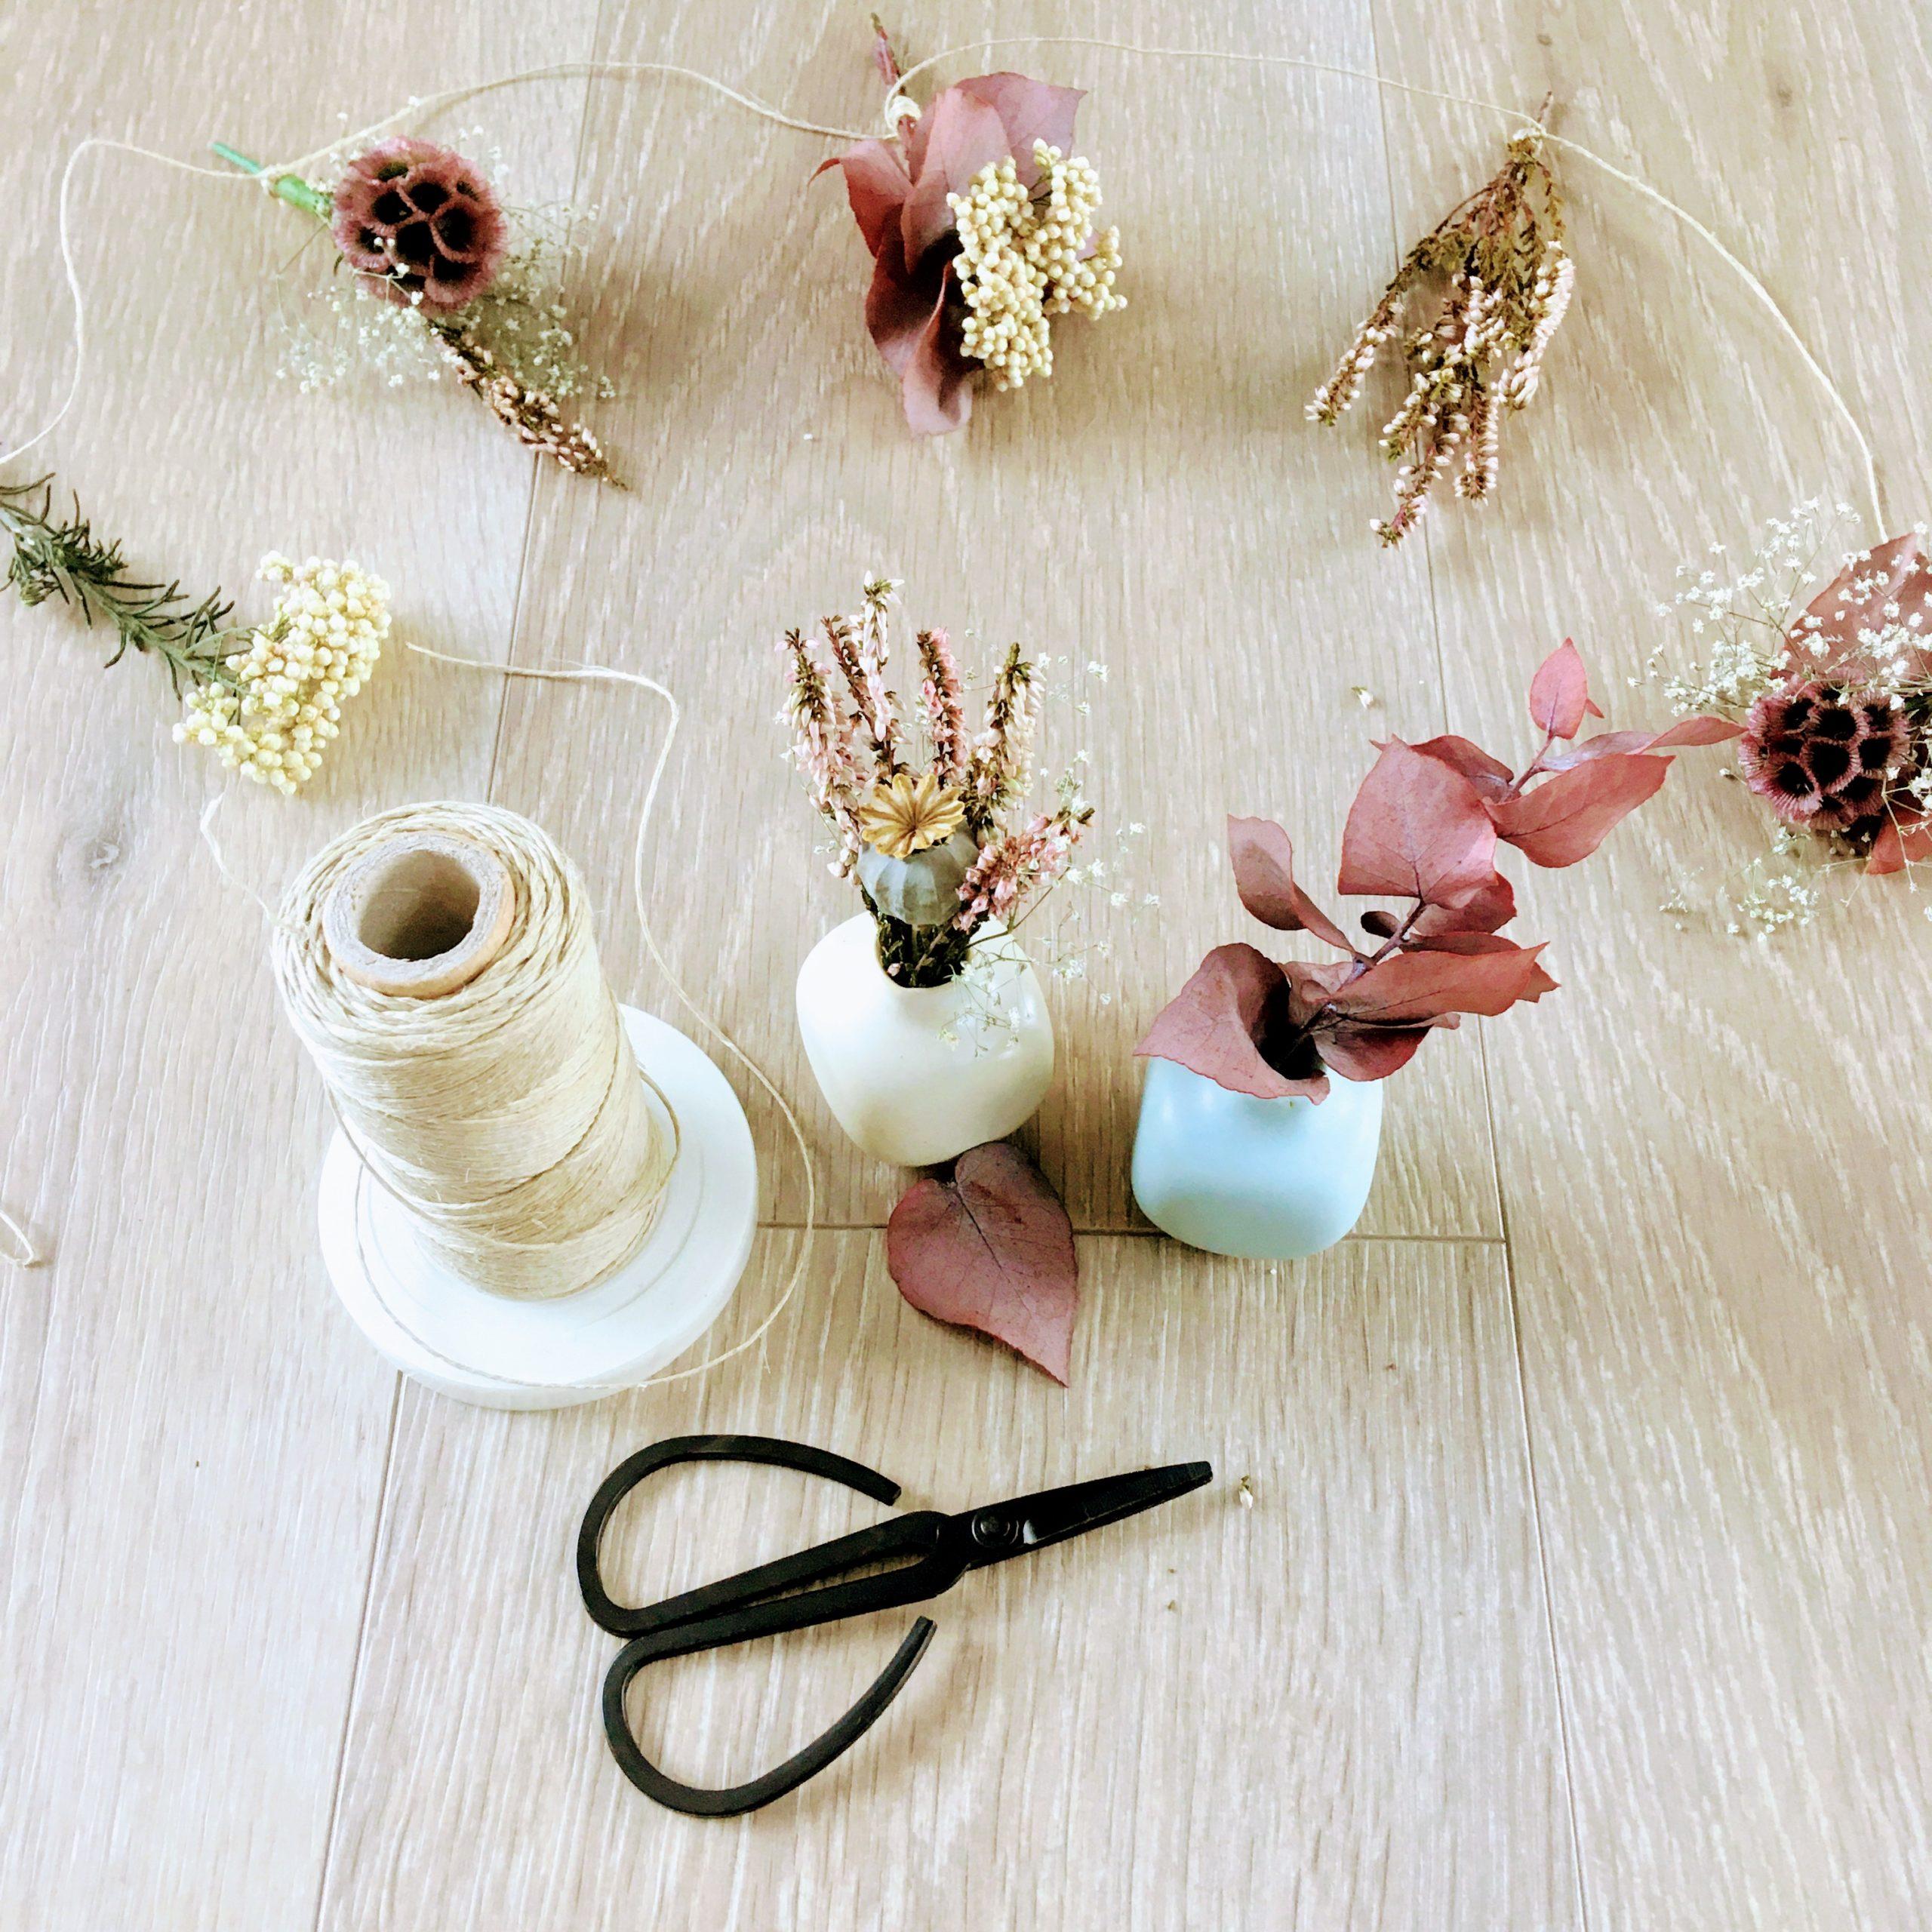 du vent dans mes valises - ateliers créatifs diy guirlande de fleurs séchées